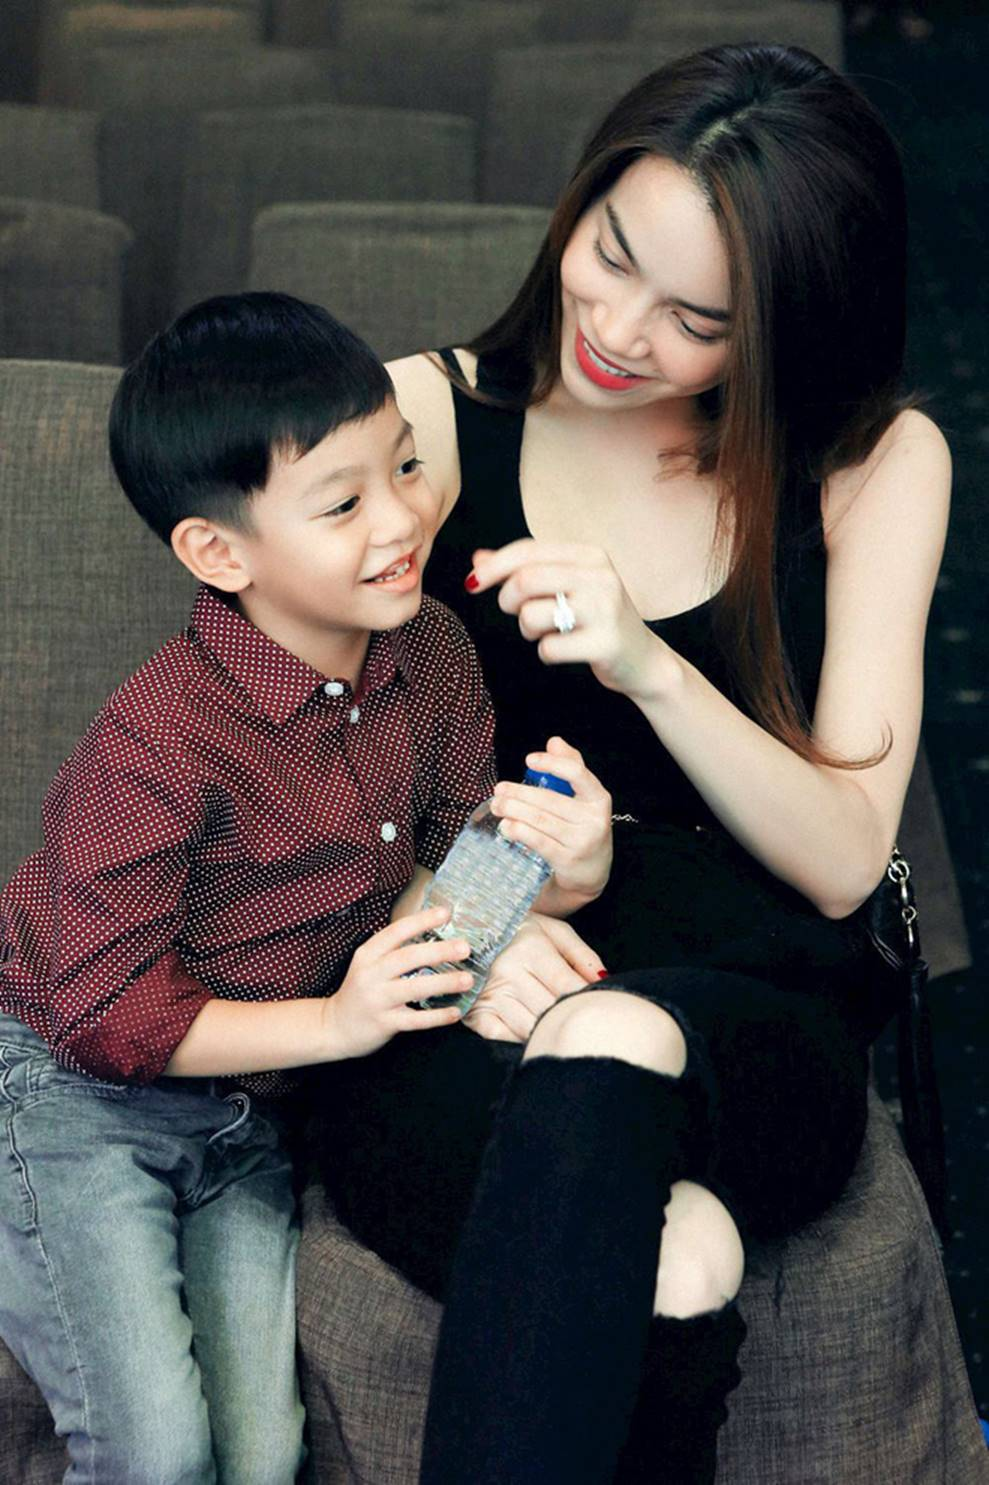 Cuộc sống sung sướng của các nhóc tỳ sao Việt: Đứa học trường Quốc tế học phí hàng trăm triệu, đứa từ bé đã thạo 6 thứ tiếng-3